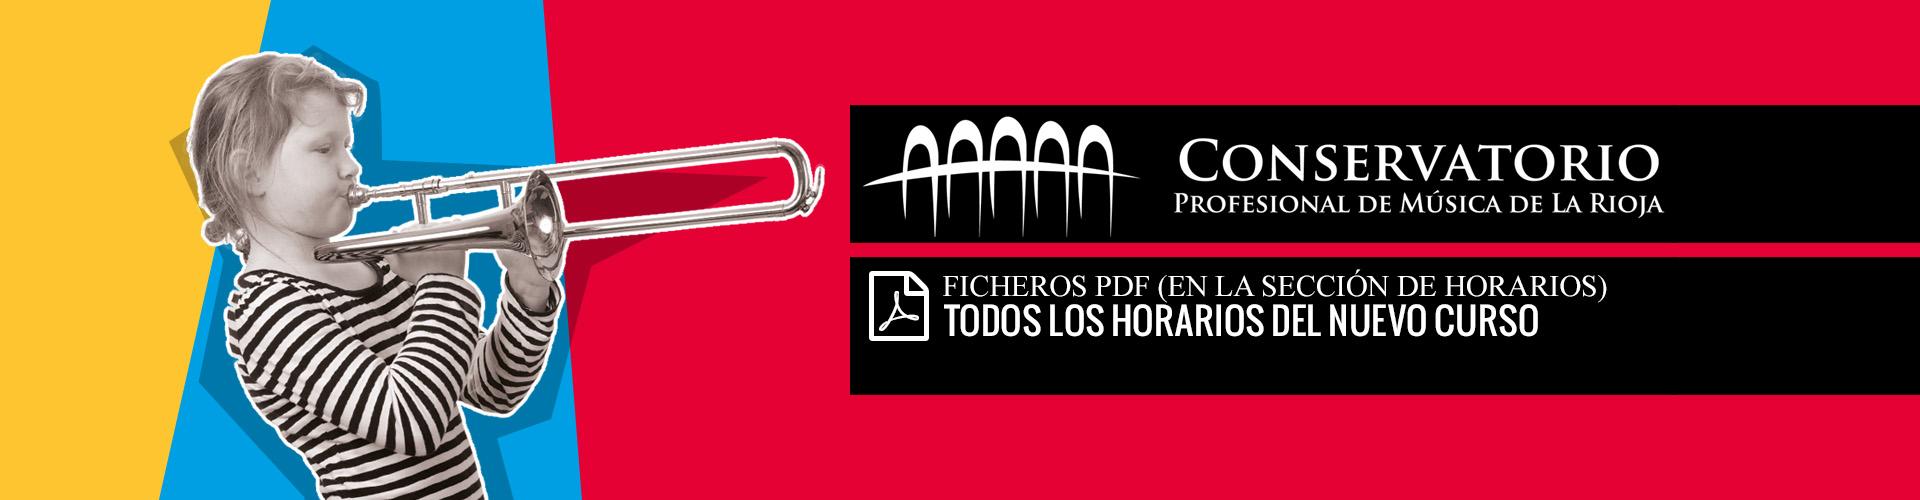 heading-solo-horarios-2018